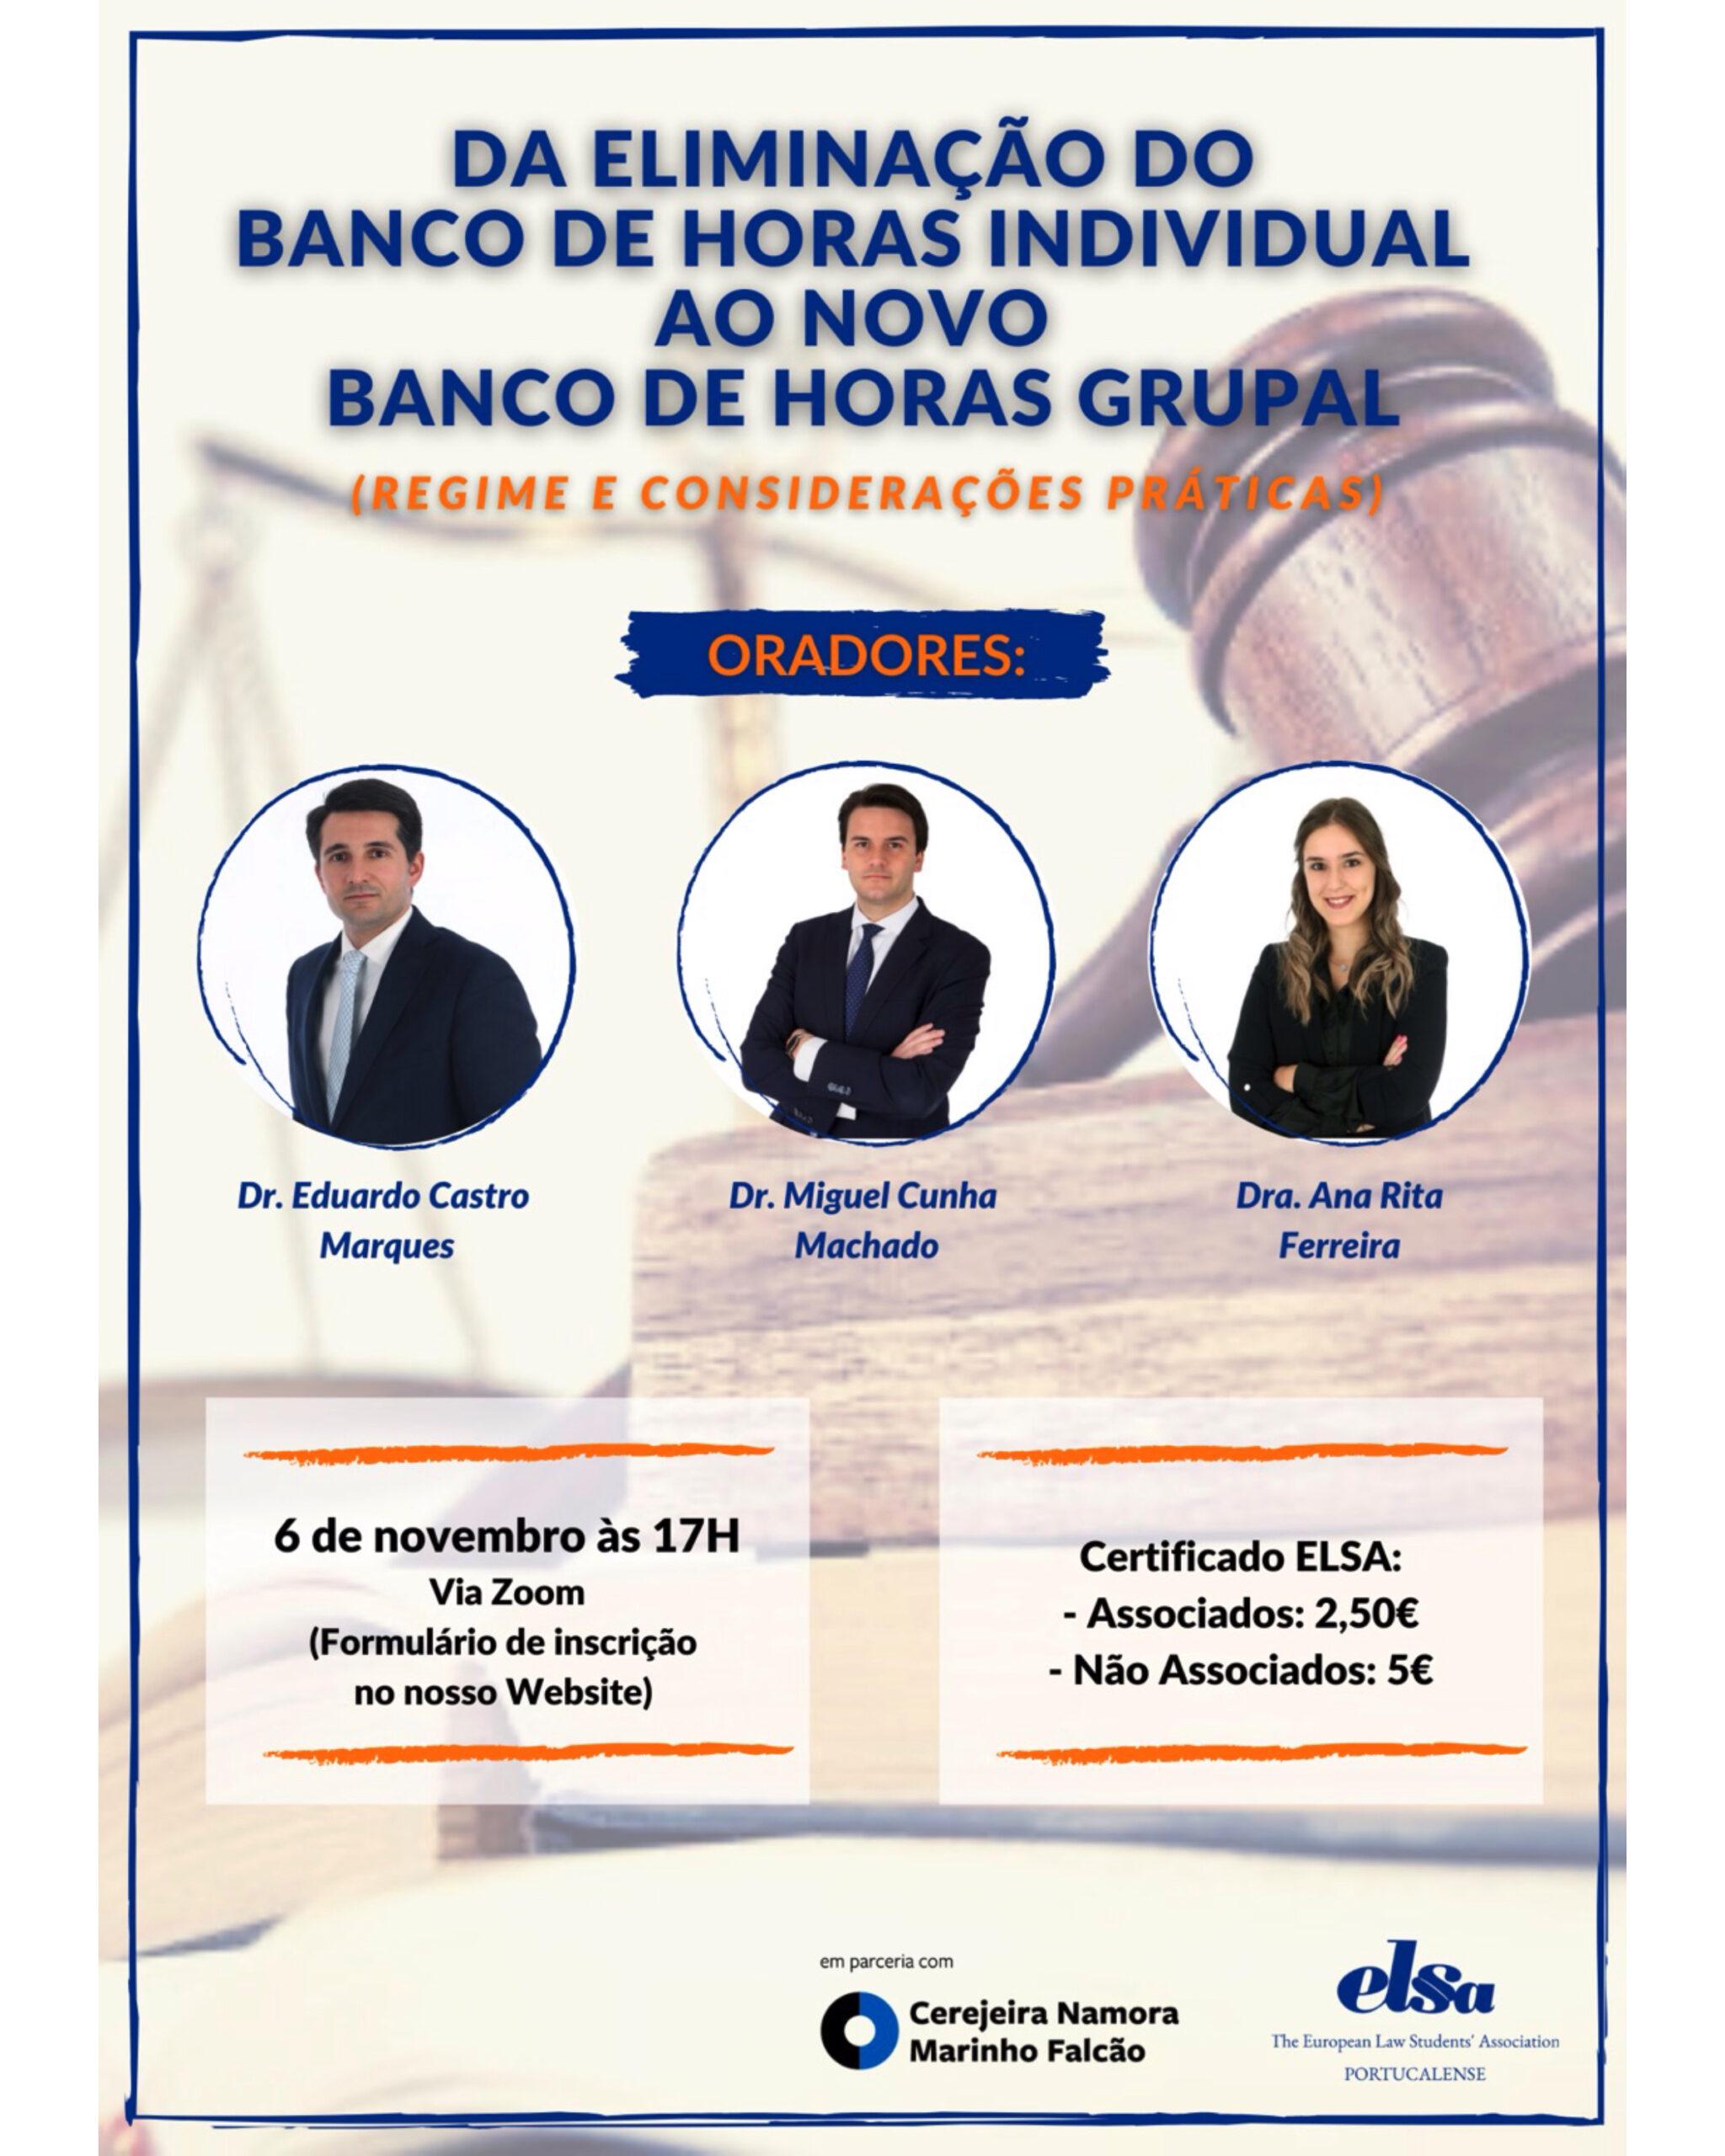 Da Eliminação do Banco de Horas Individual ao Novo Banco de Horas Grupal